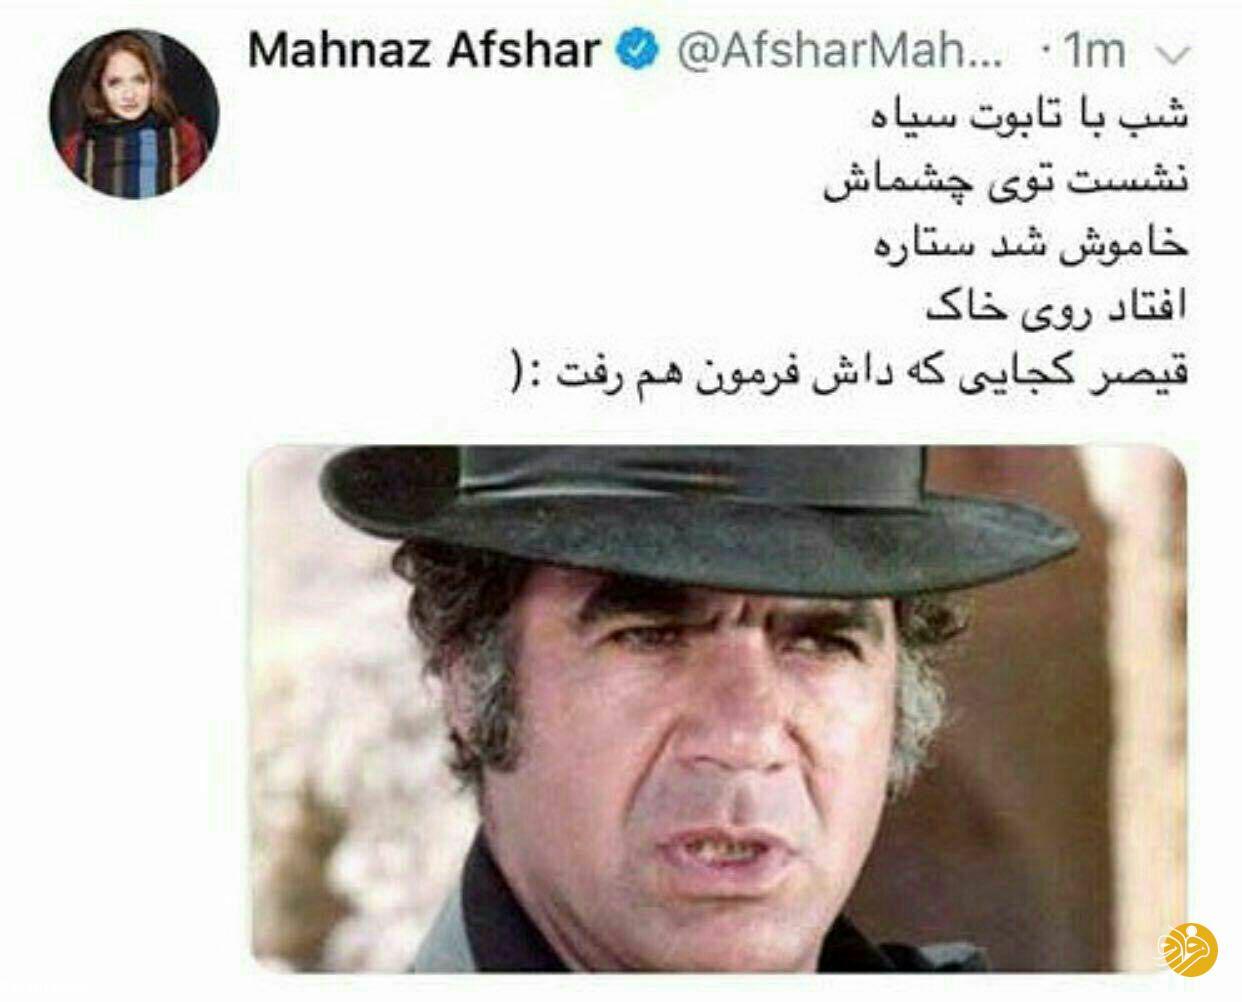 ناصر ملکمطیعی درگذشت